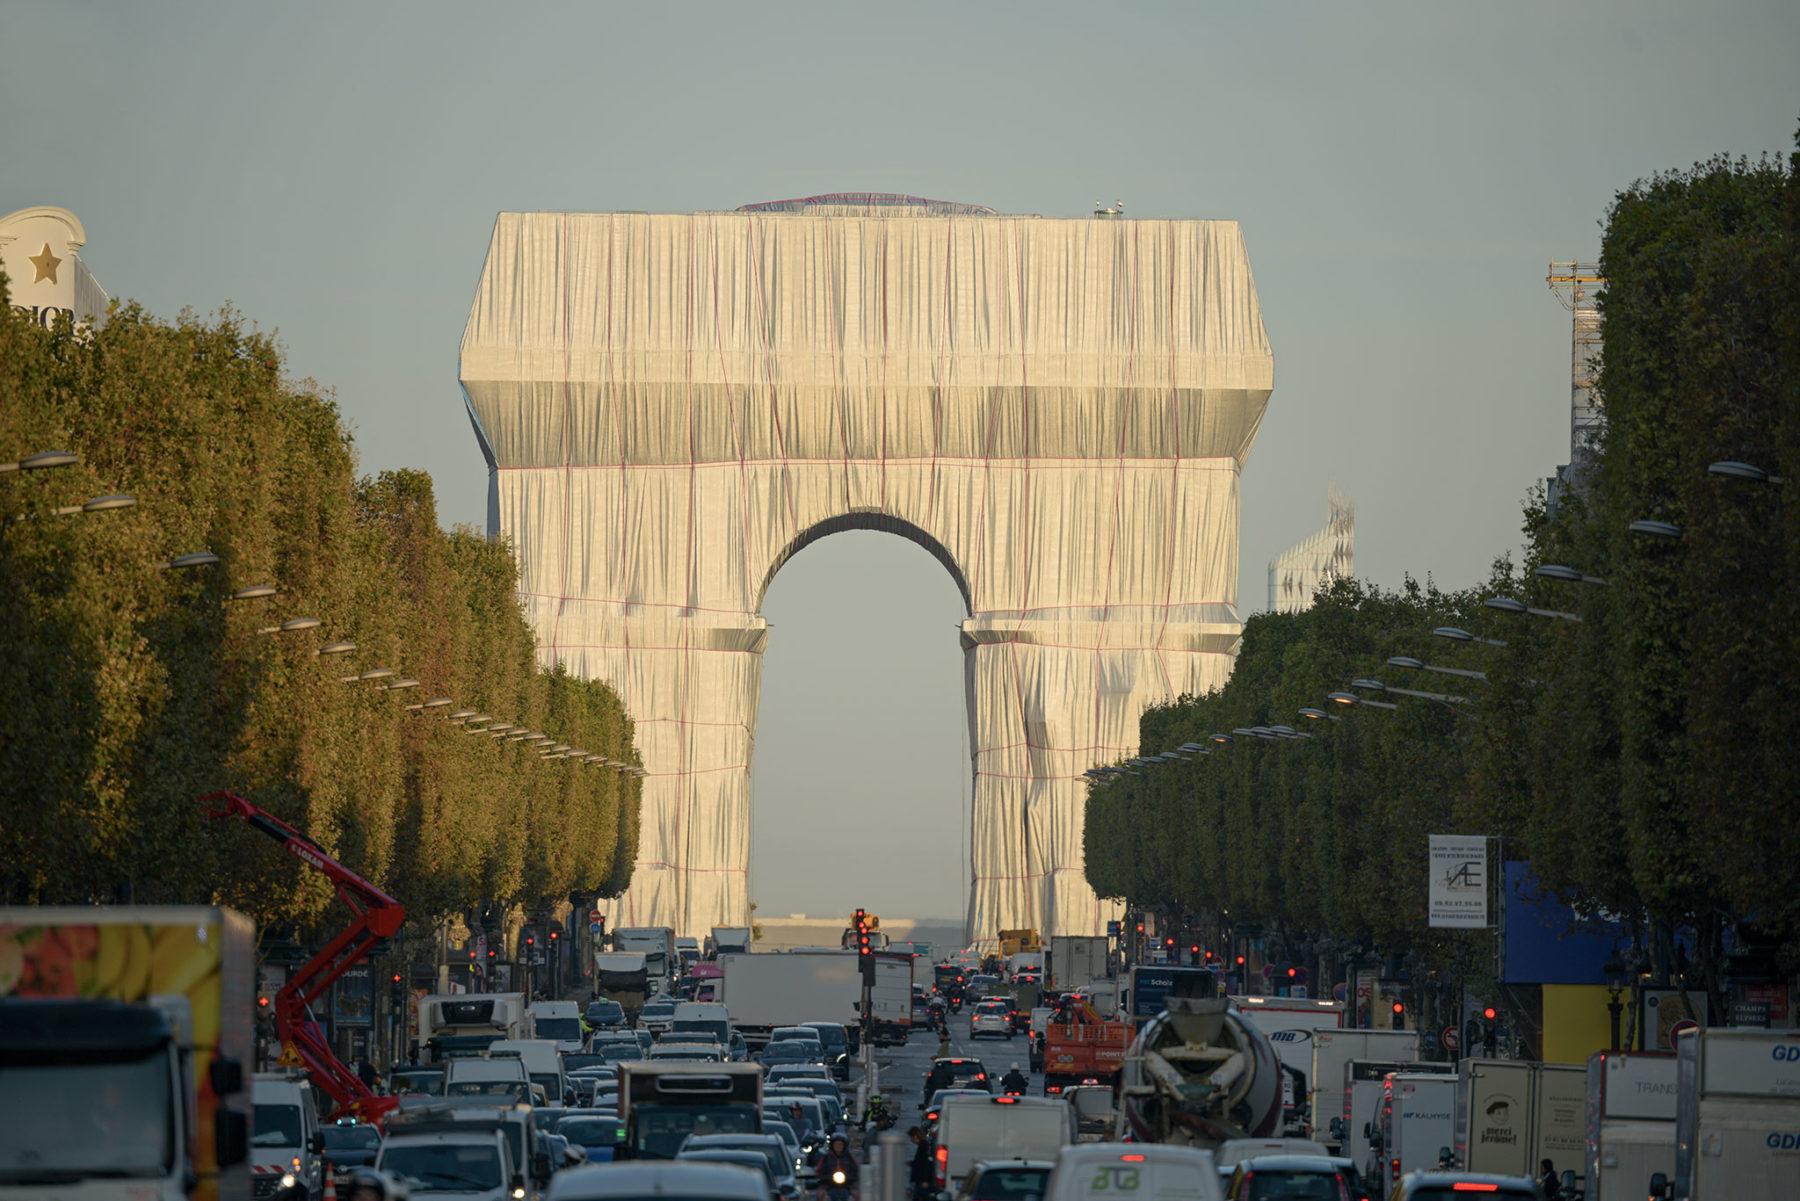 El sueño de Christo: envuelven por completo el Arco del Triunfo en París